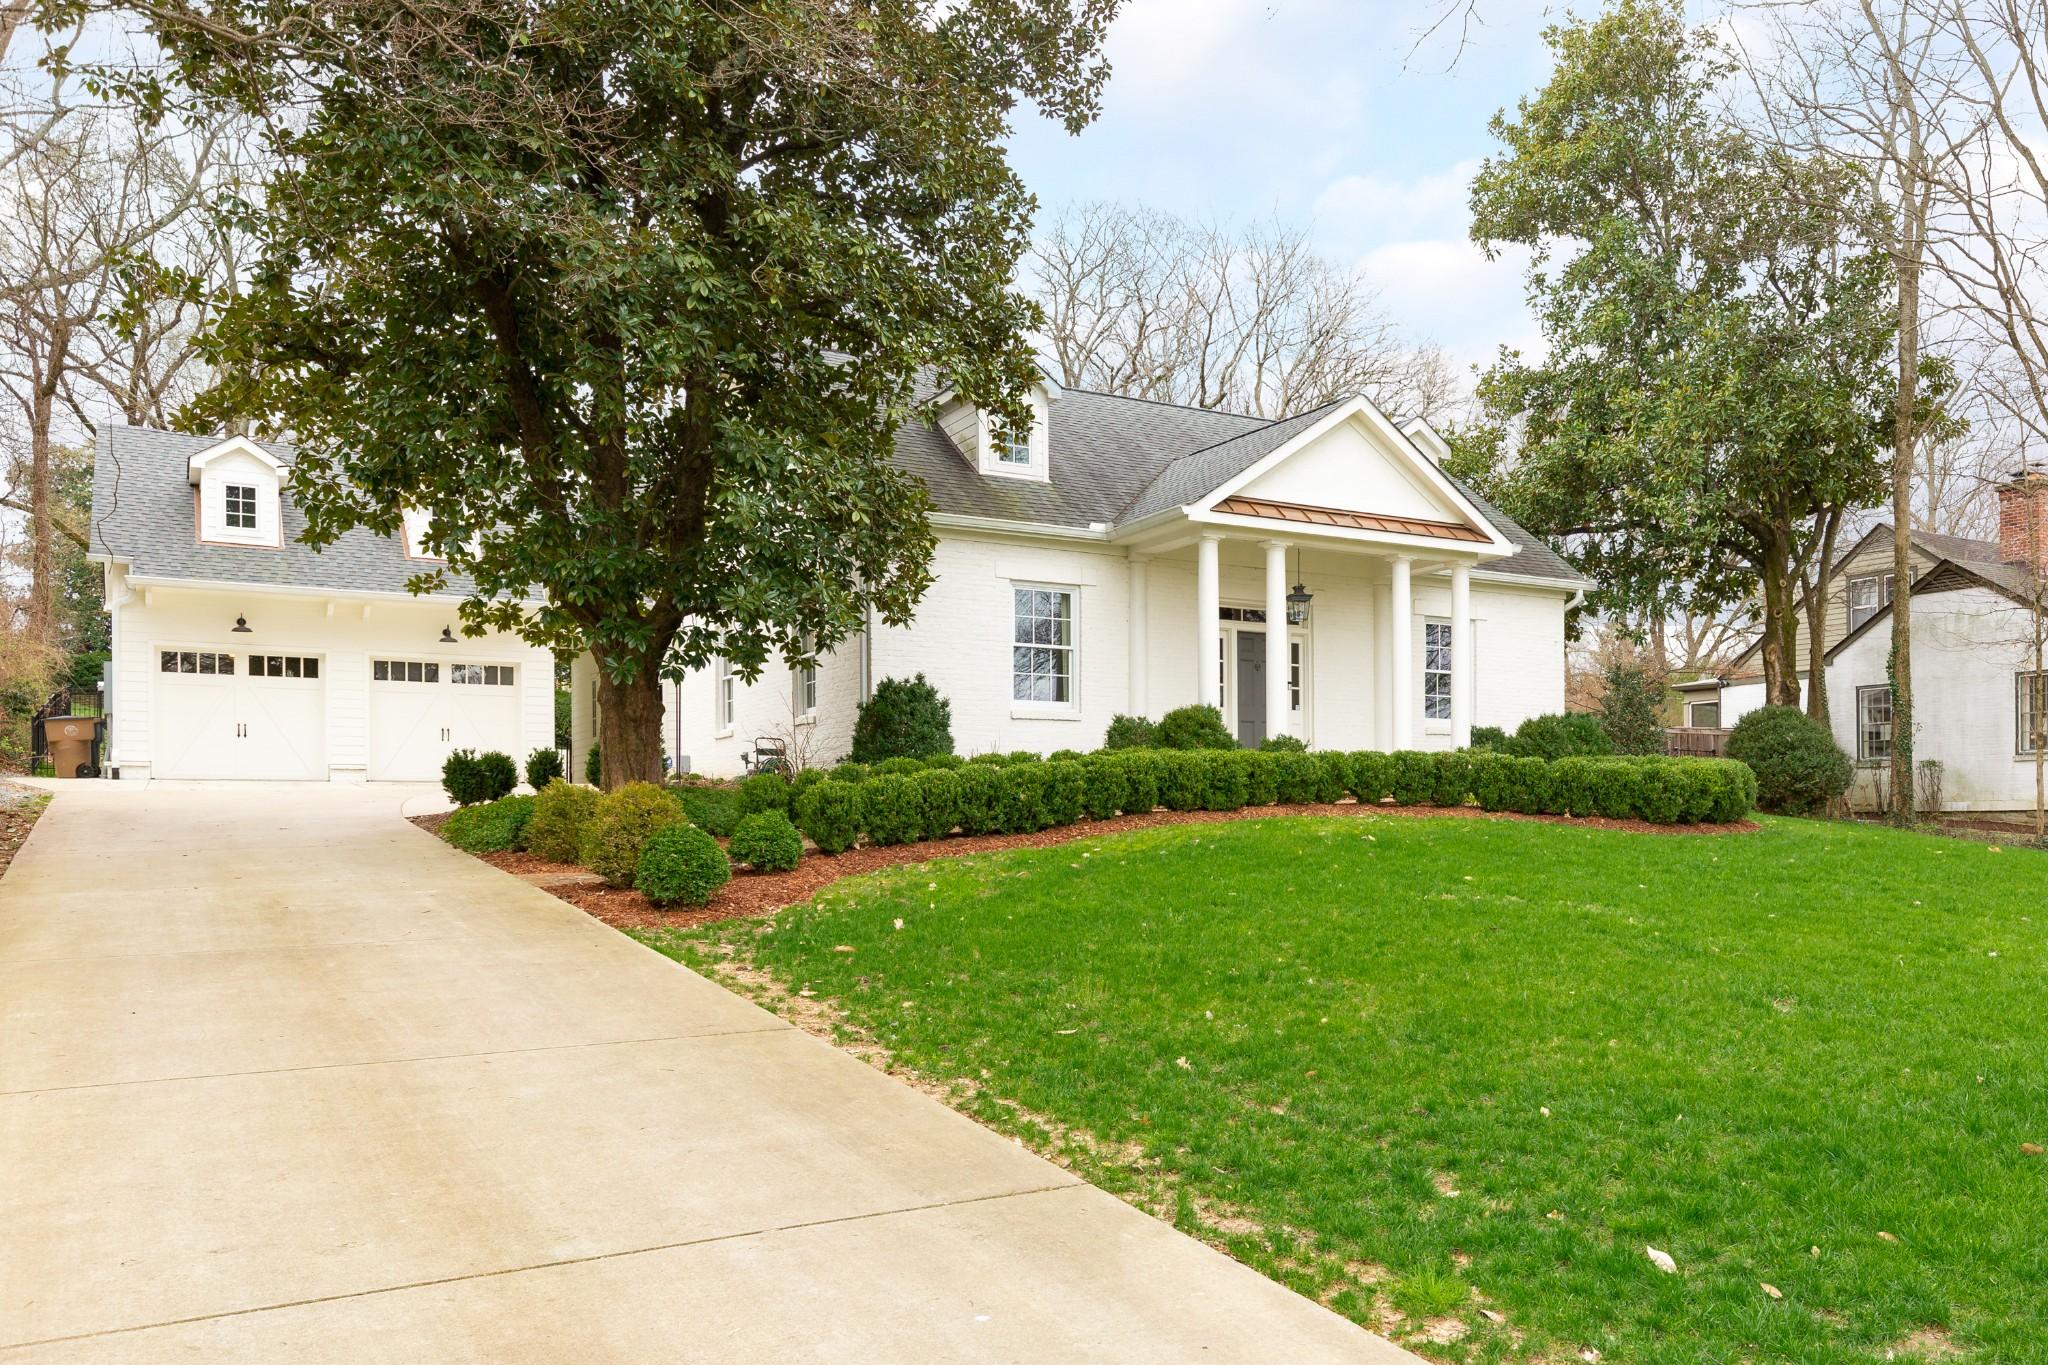 2306 Sterling Rd, Nashville, TN 37215 - Nashville, TN real estate listing